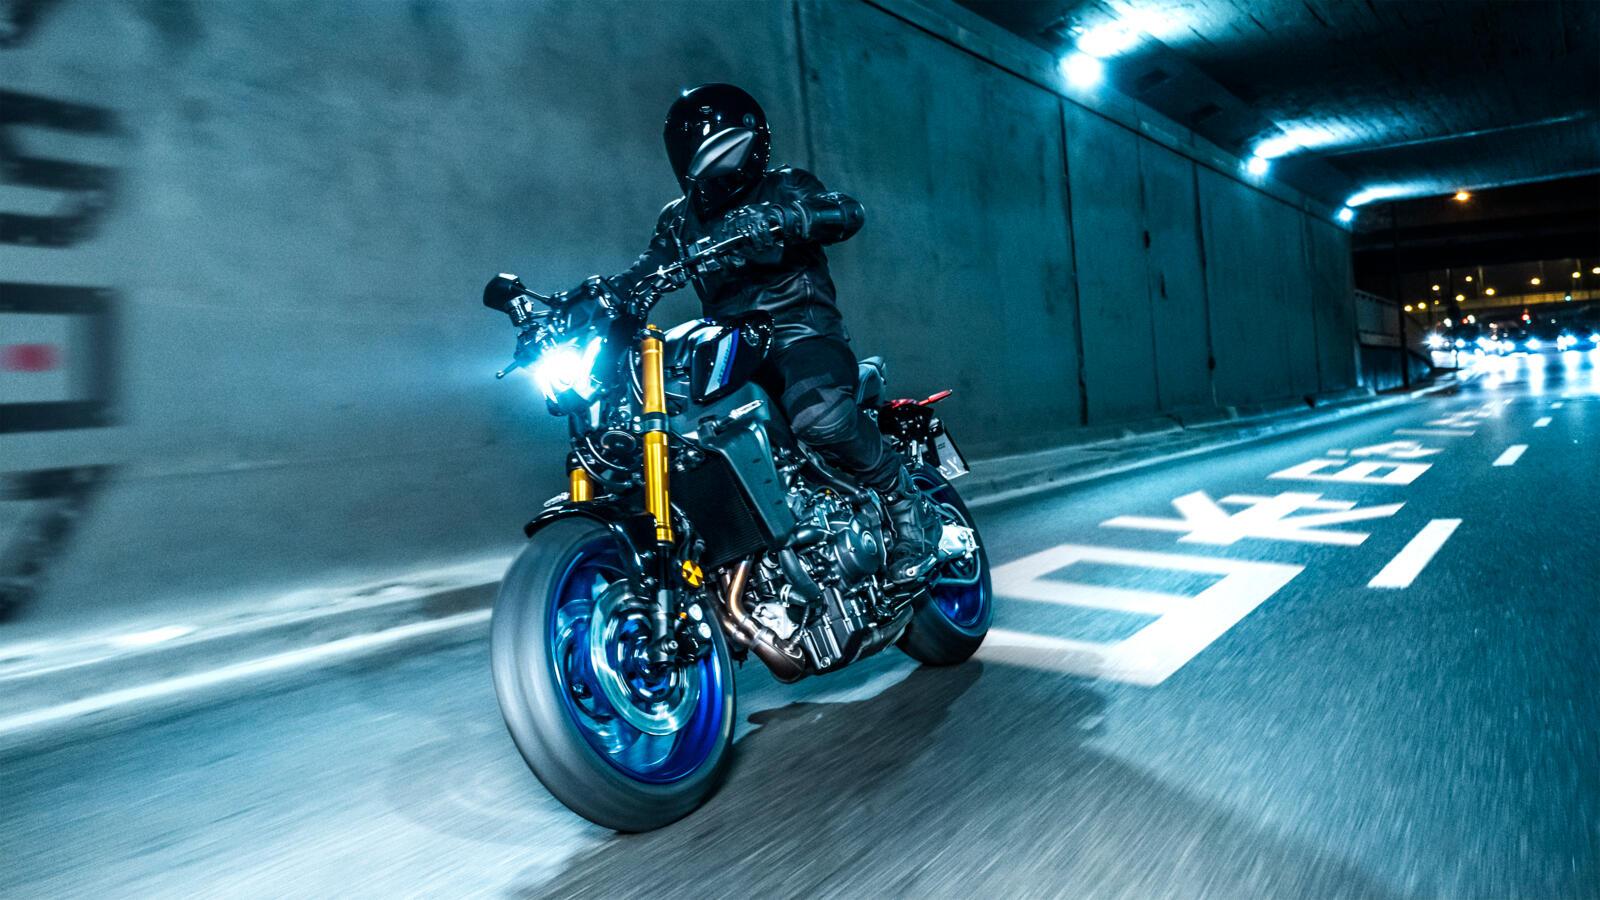 2021 Yamaha MT-09 SP Unveiled